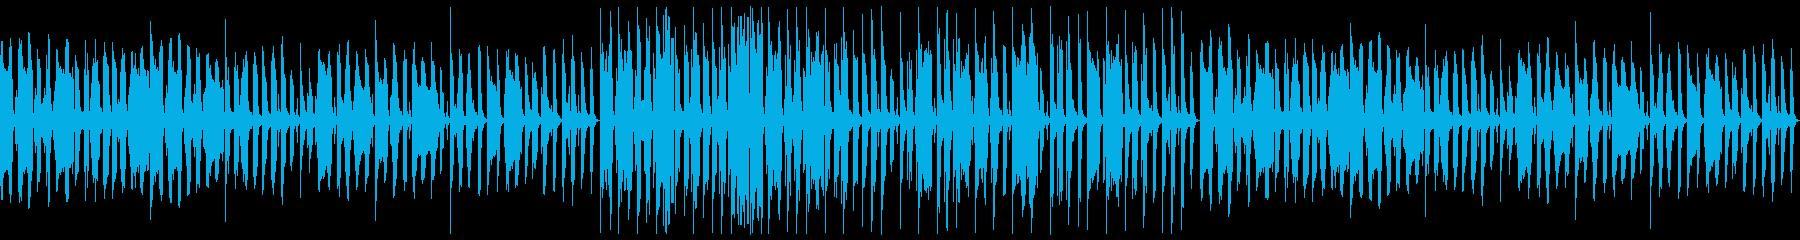 間抜けなトランペットの行進LOOP_Aの再生済みの波形